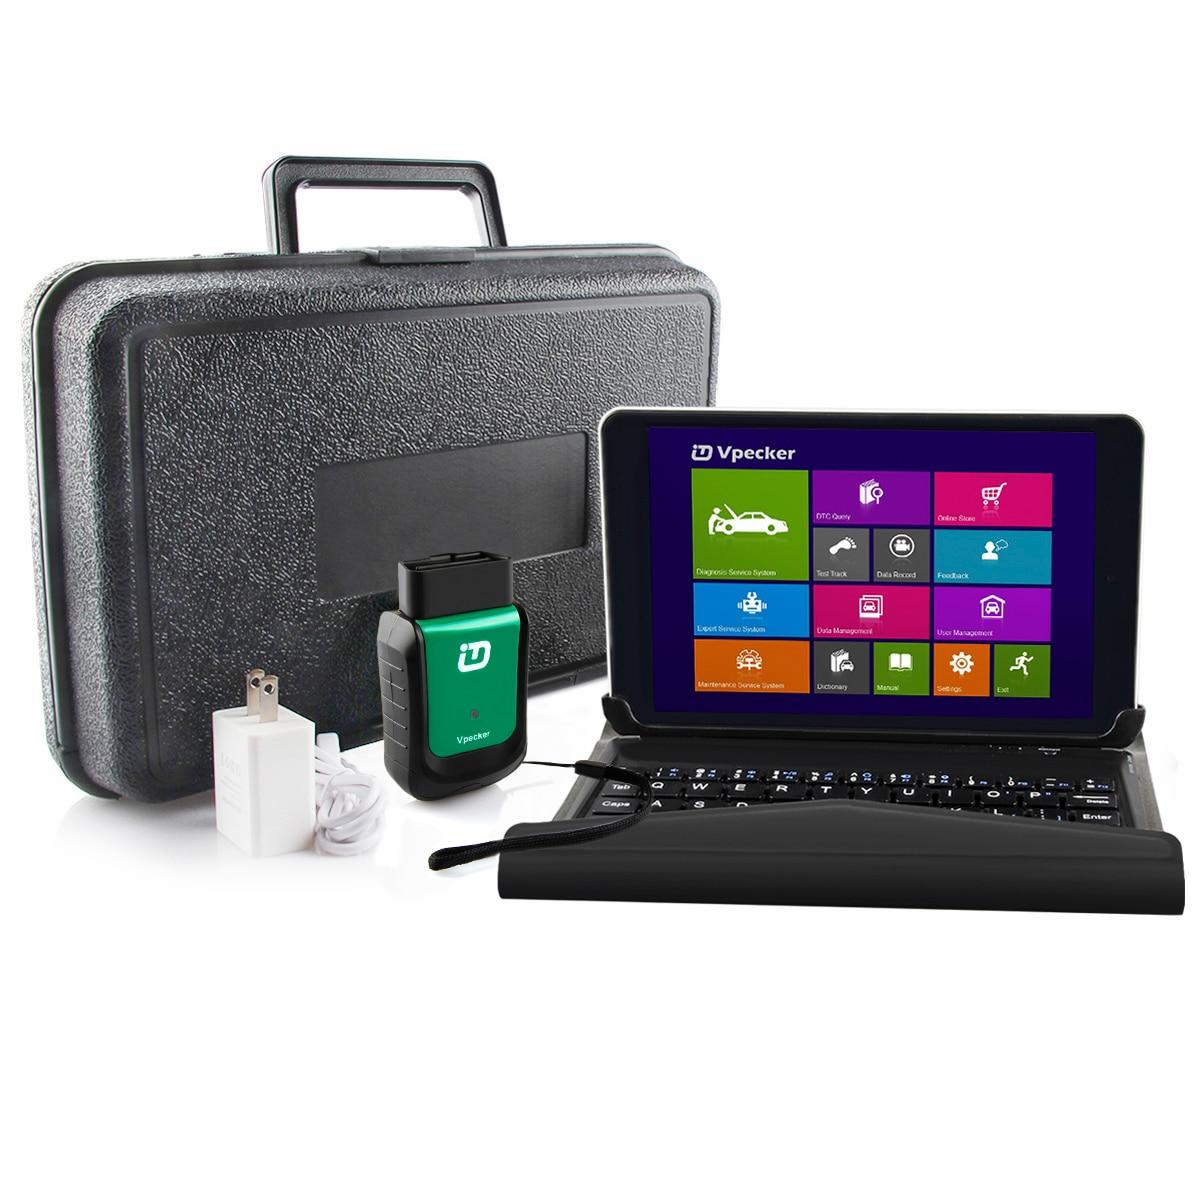 2019 Vpecker Easydiag OBD2 Автосканер V11.1 wifi Автомобильный сканер + 8 в Windows 10 планшет ODB 2 OBD Автомобильный диагностический сканер